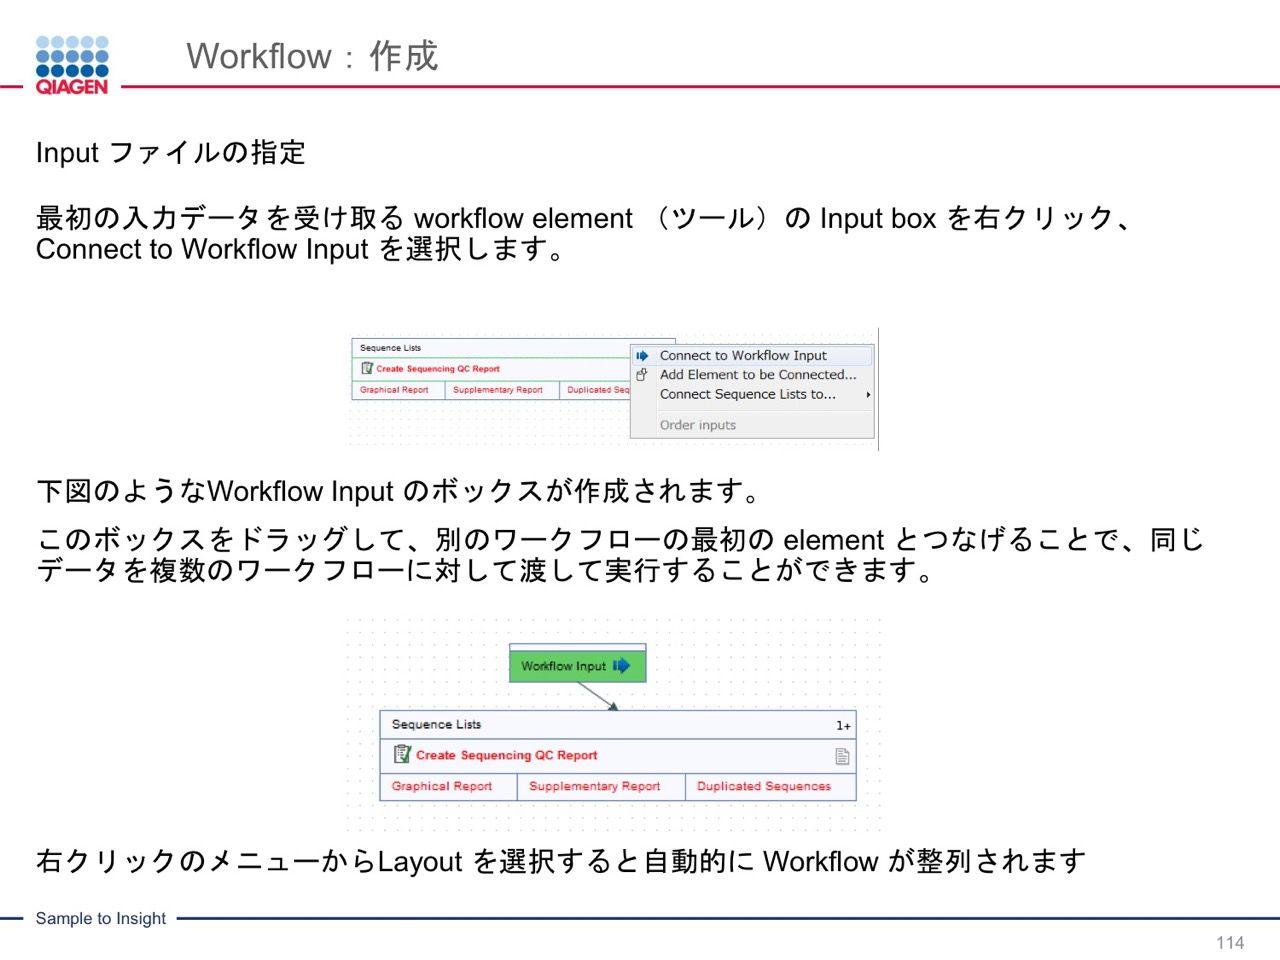 images/AJACSa2_miyamoto_114.jpg